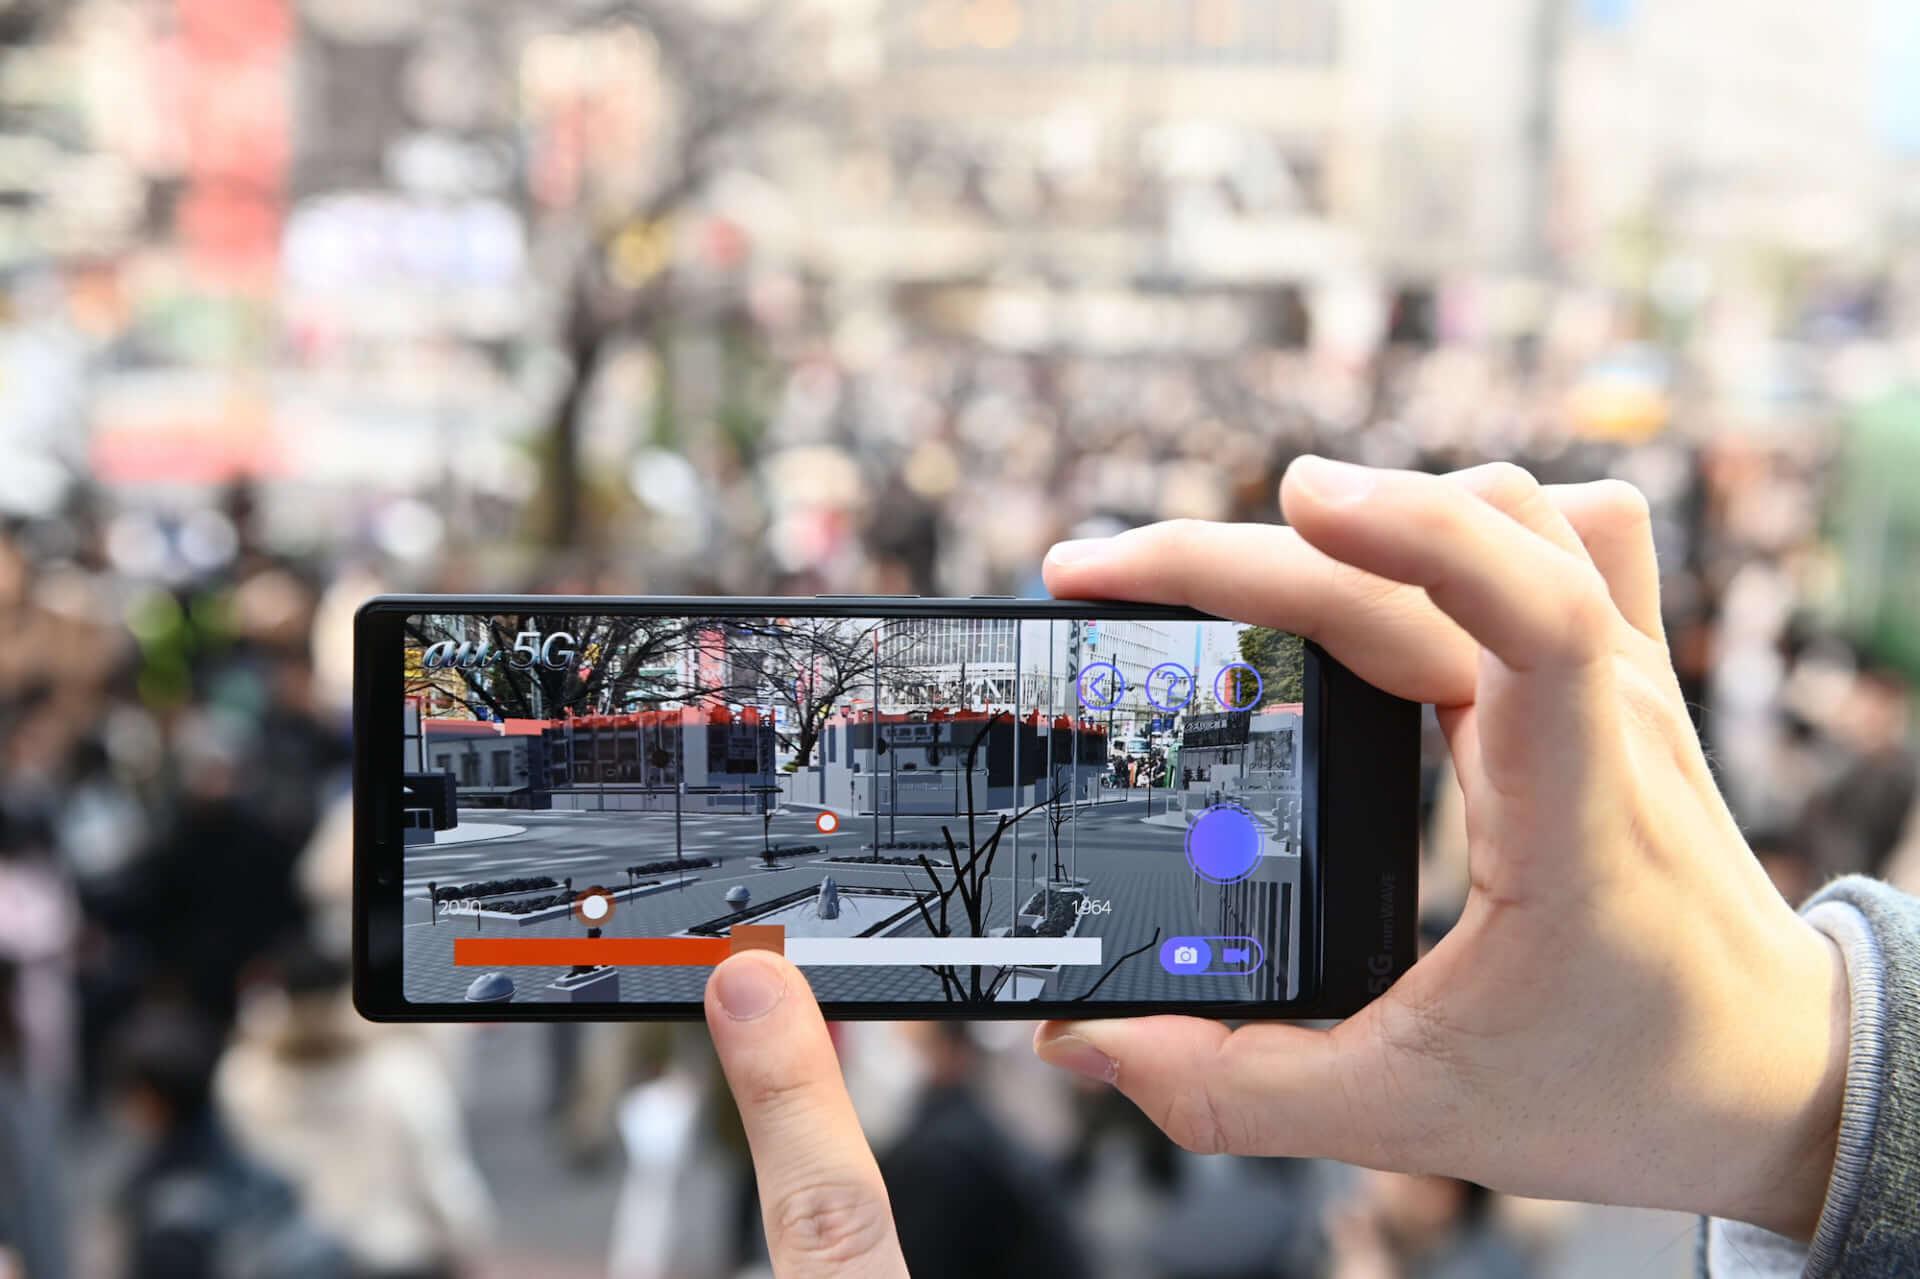 渋谷が5G×エンタメで盛り上がる!「渋谷5Gエンターテイメントプロジェクト」始動|キックオフパーティーにダレン・エマーソン、Licaxxxら登場 music200128_5g_4504-1920x1279